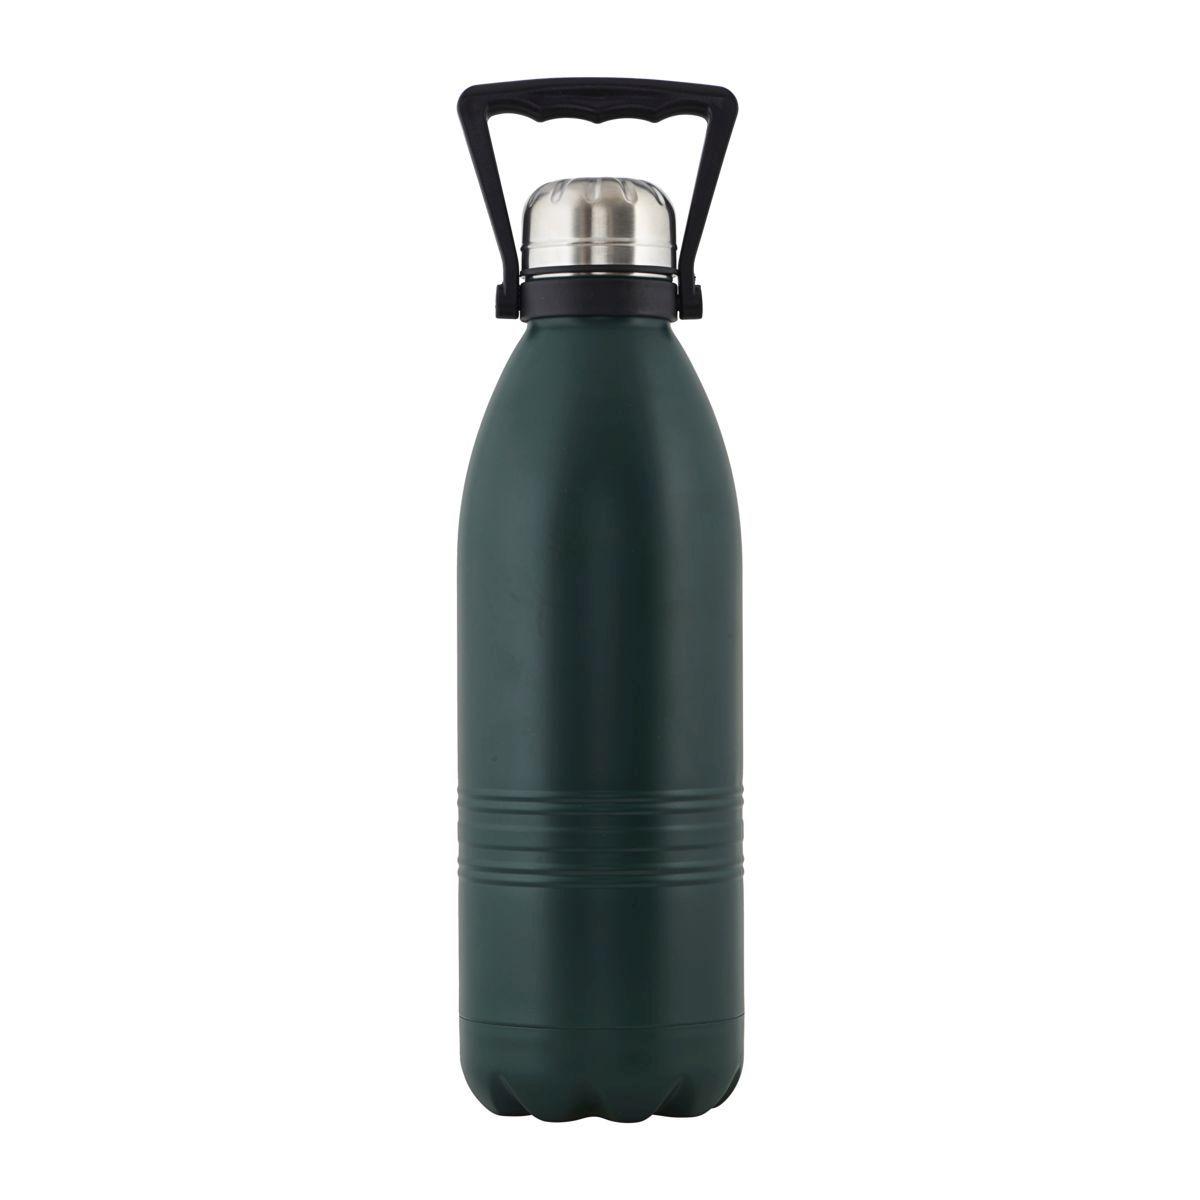 Nerezová termoska Green 1 21079f20179